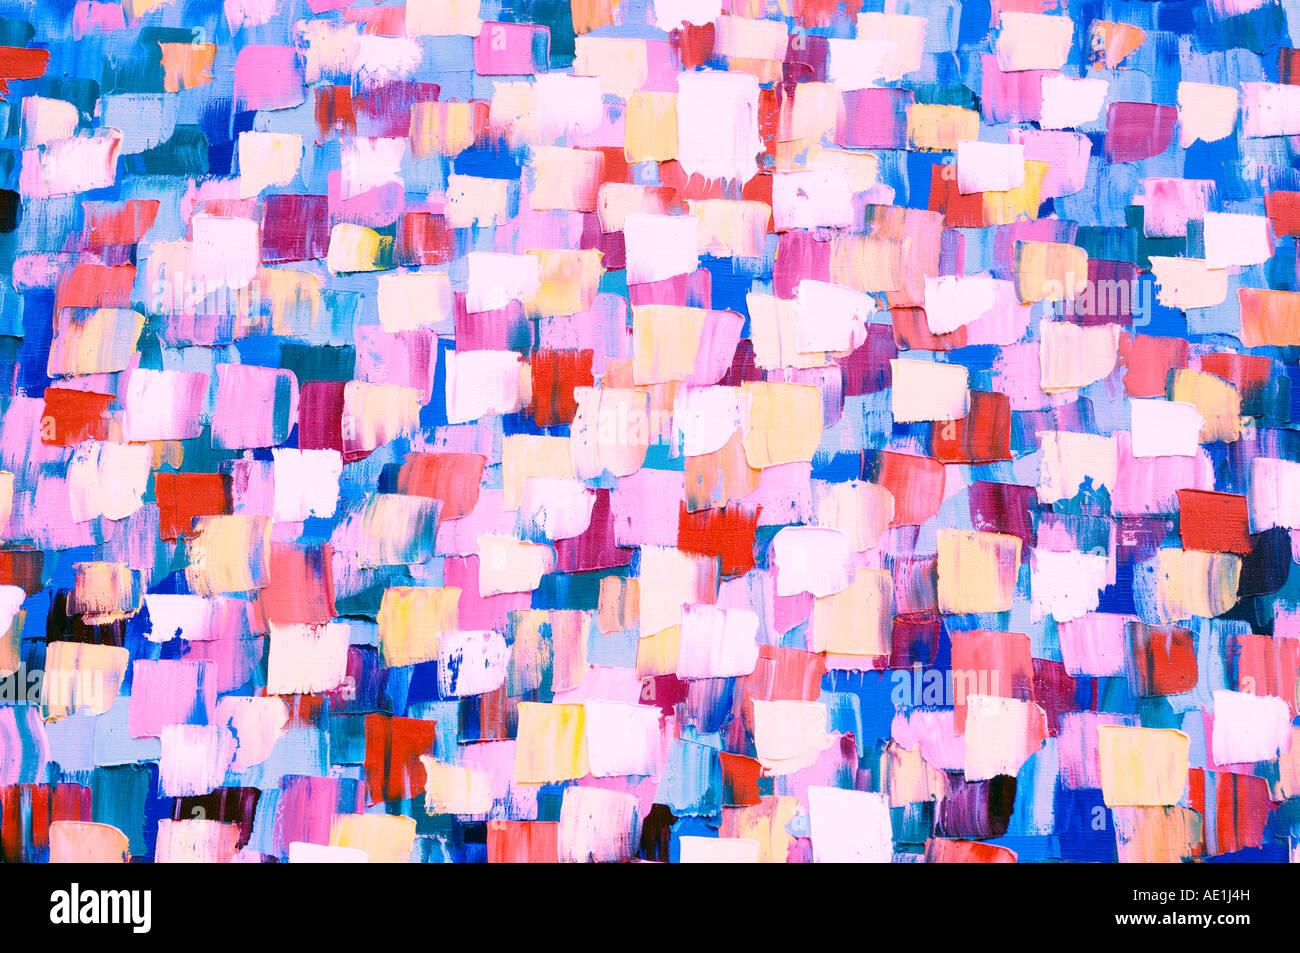 Psichedelico astratta della pittura a olio Immagini Stock